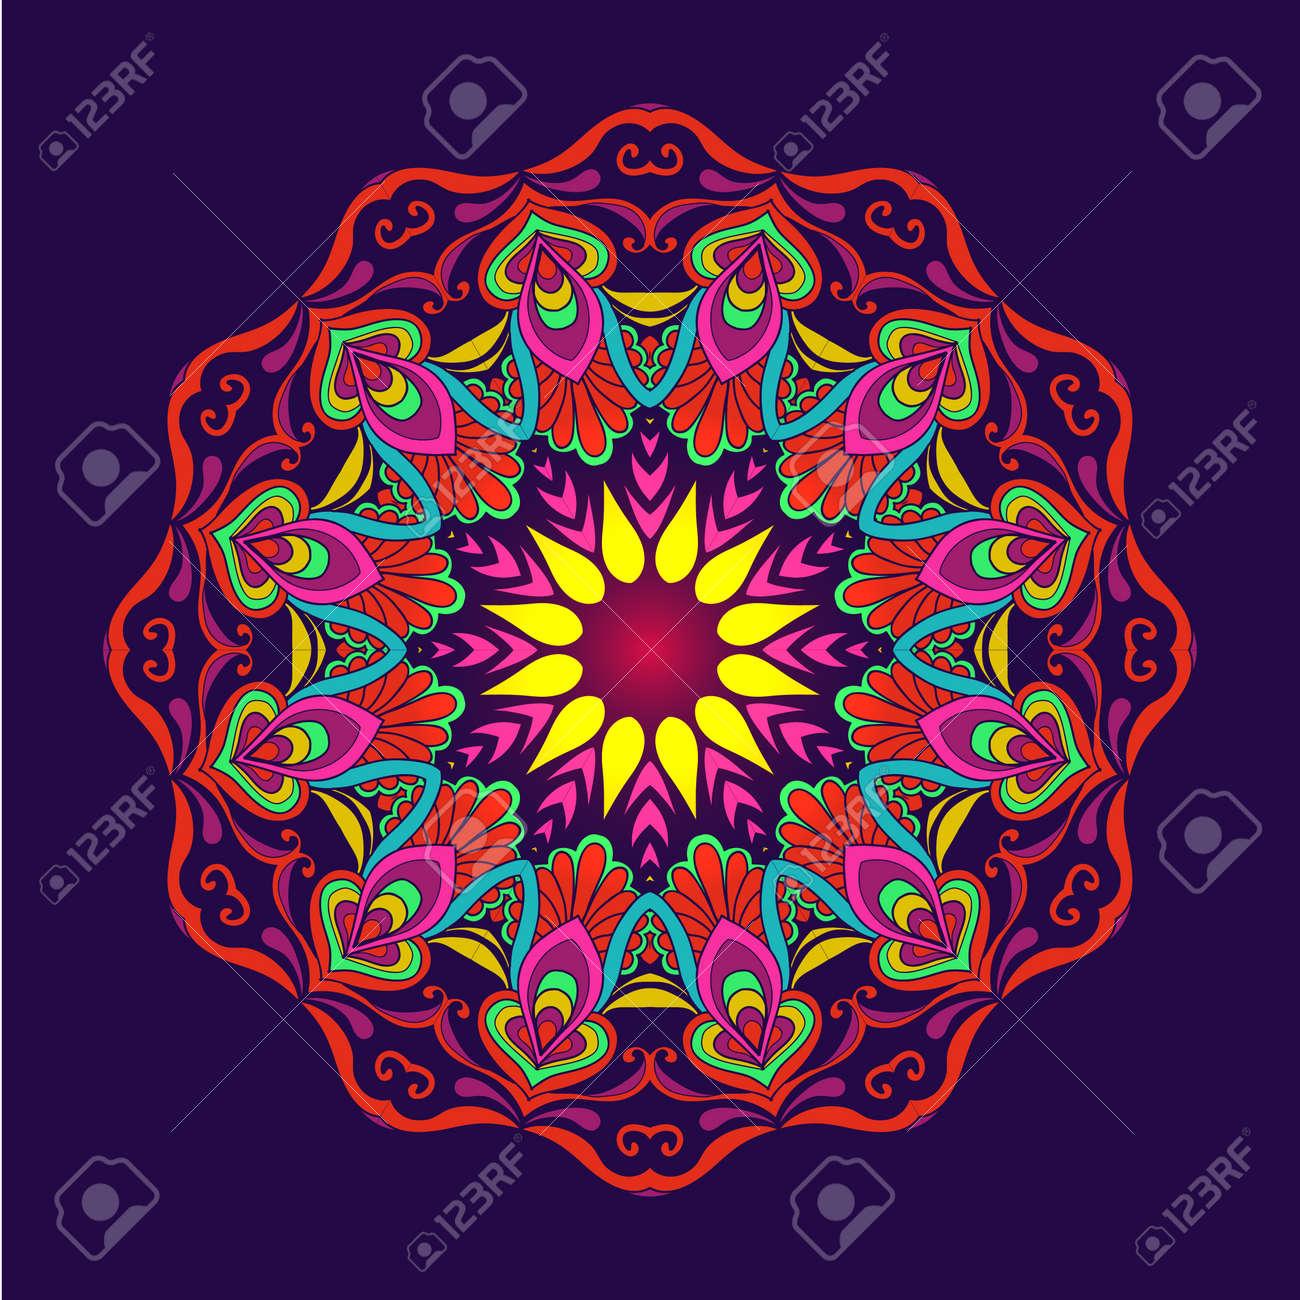 Hermosas Flores Vintage Deco Mandala Diseño Modelado Del Elemento